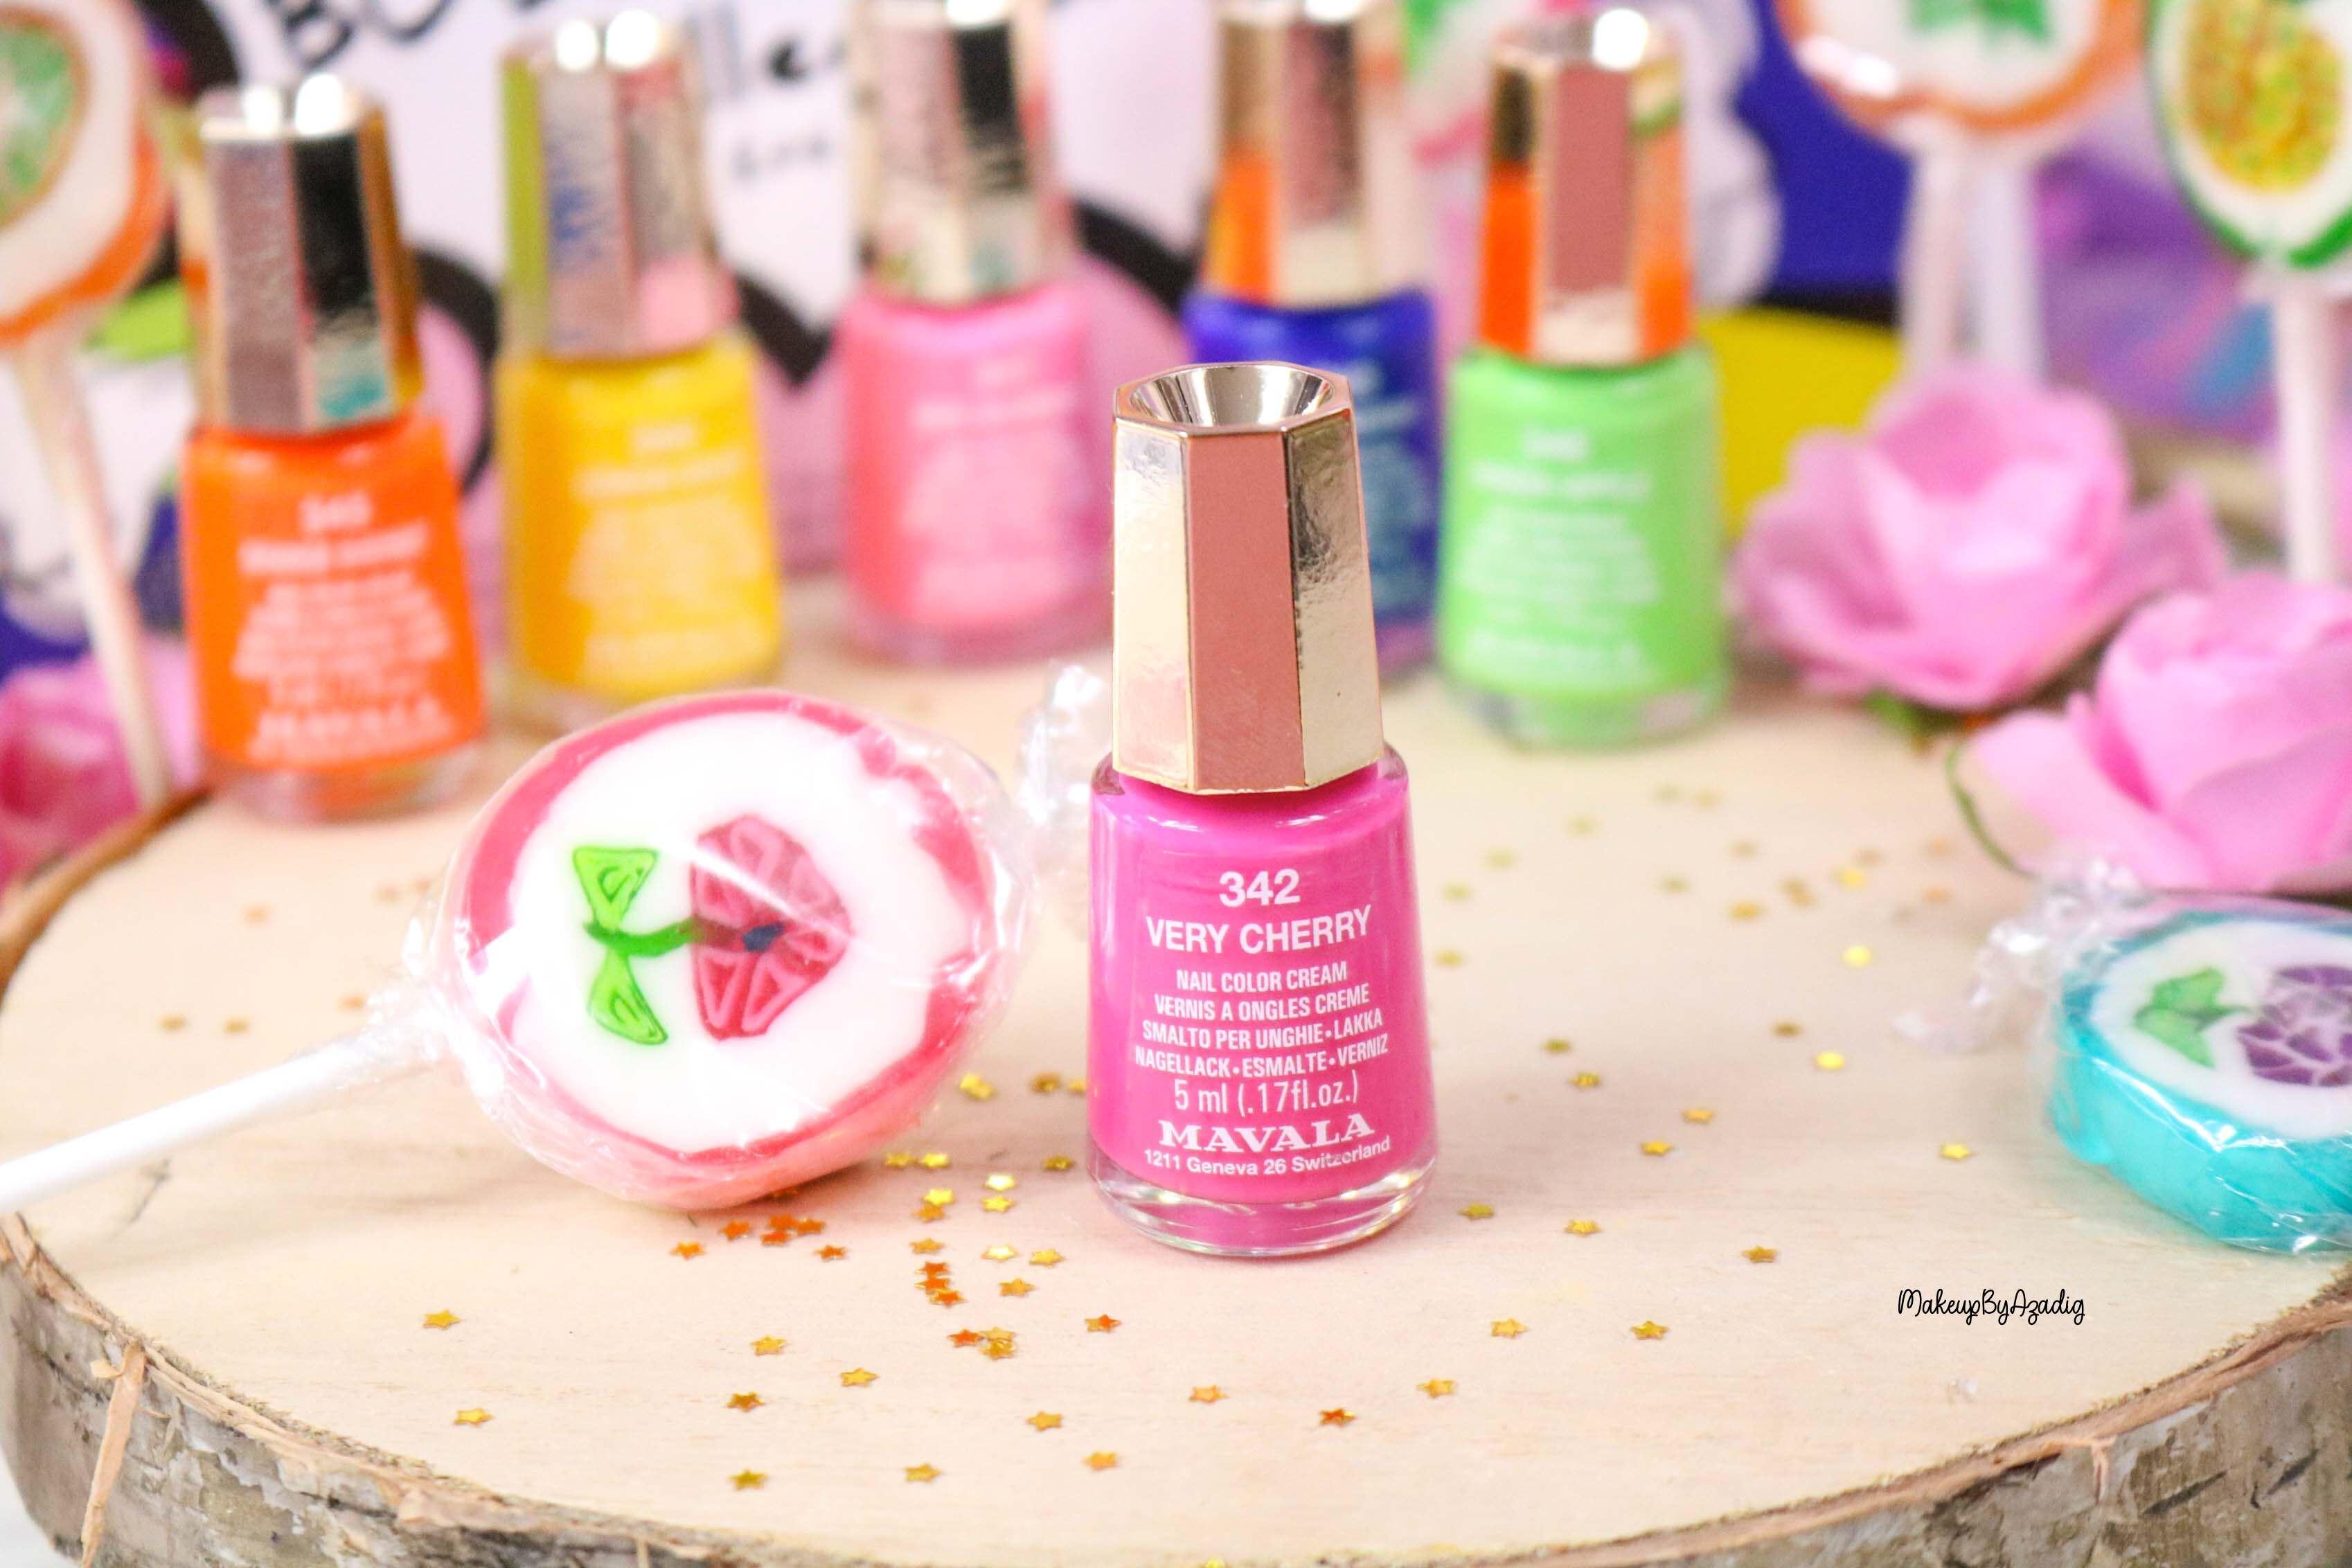 nouvelle-collection-vernis-tendance-printemps-ete-mavala-pas-cher-makeupbyazadig-avis-prix-monoprix-bubble-gum-very-cherry